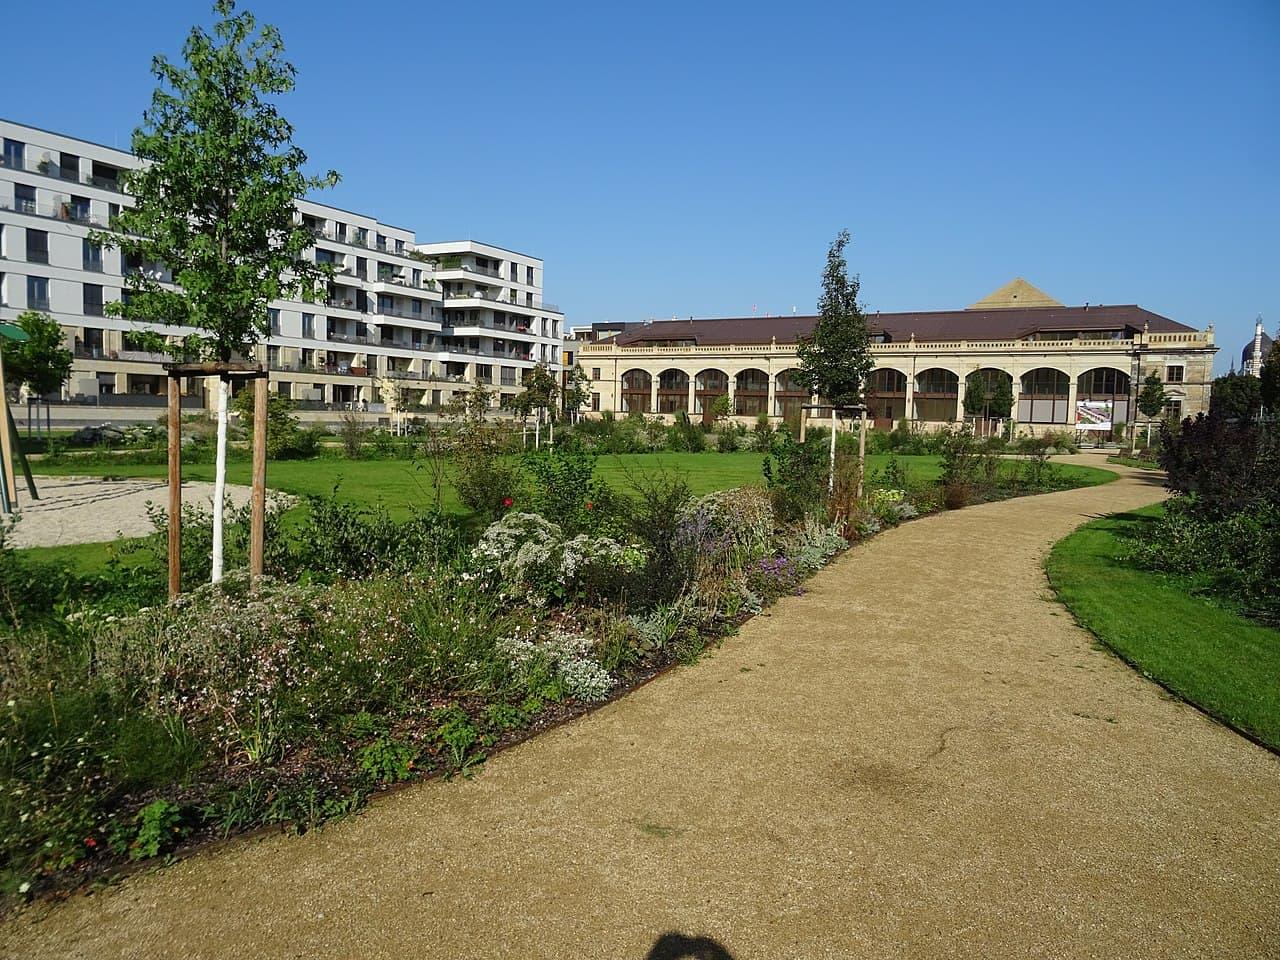 Restaurierte und neue Gebäude An der Herzogin Garten